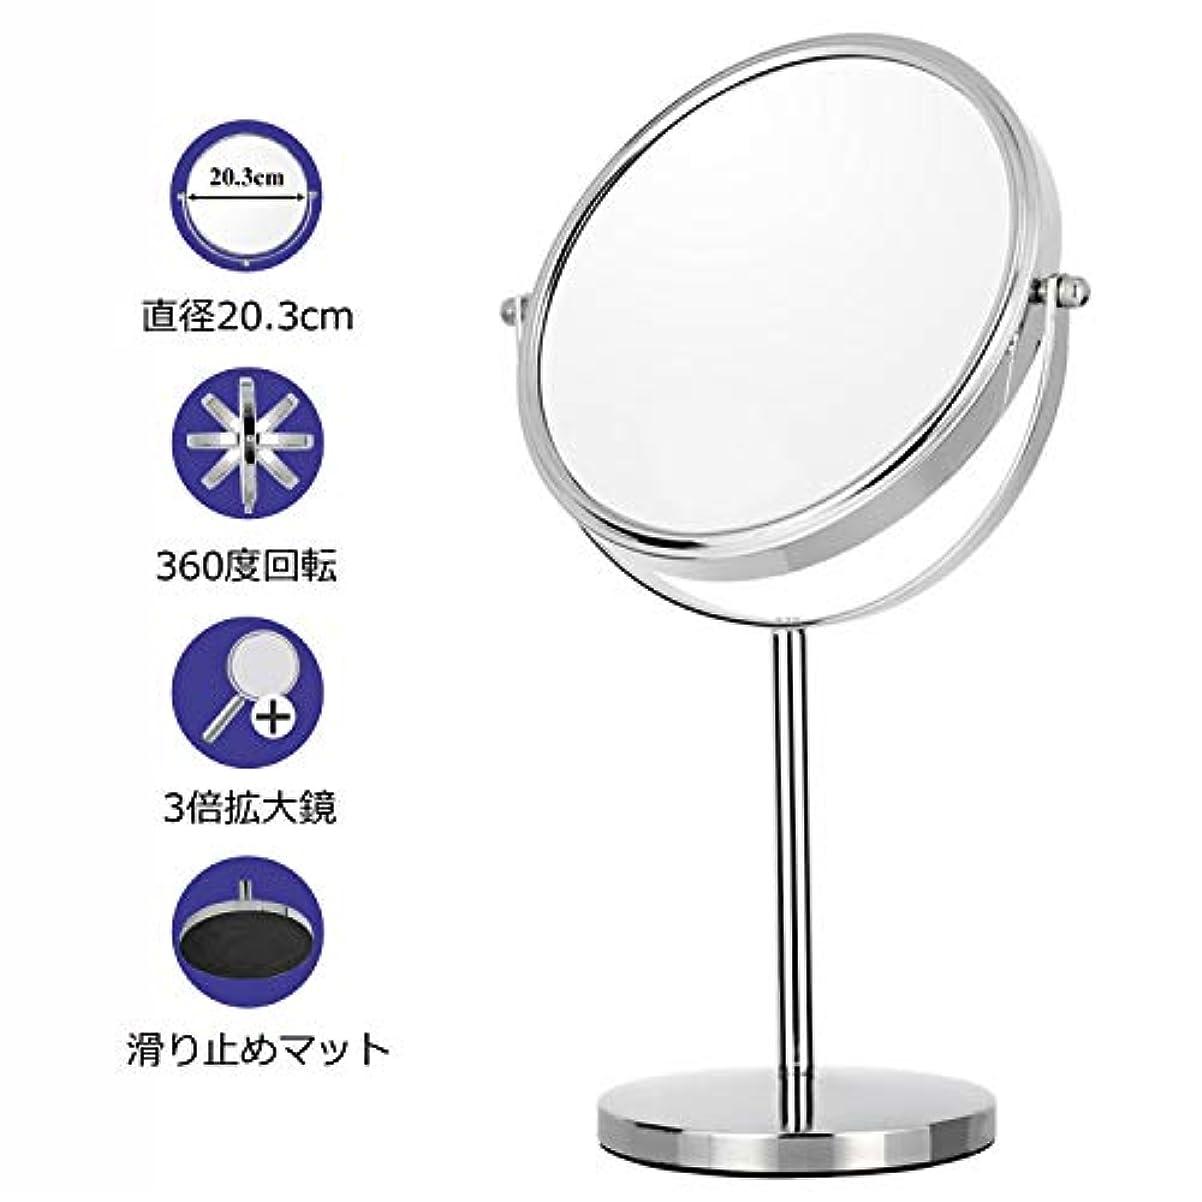 センチメートル一般的な種鏡 卓上 拡大鏡付き 3倍卓上鏡 真実の両面鏡 浴室鏡 ミラー 360度回転 スタンドミラー クロム 鏡 (鏡面23.2cm)